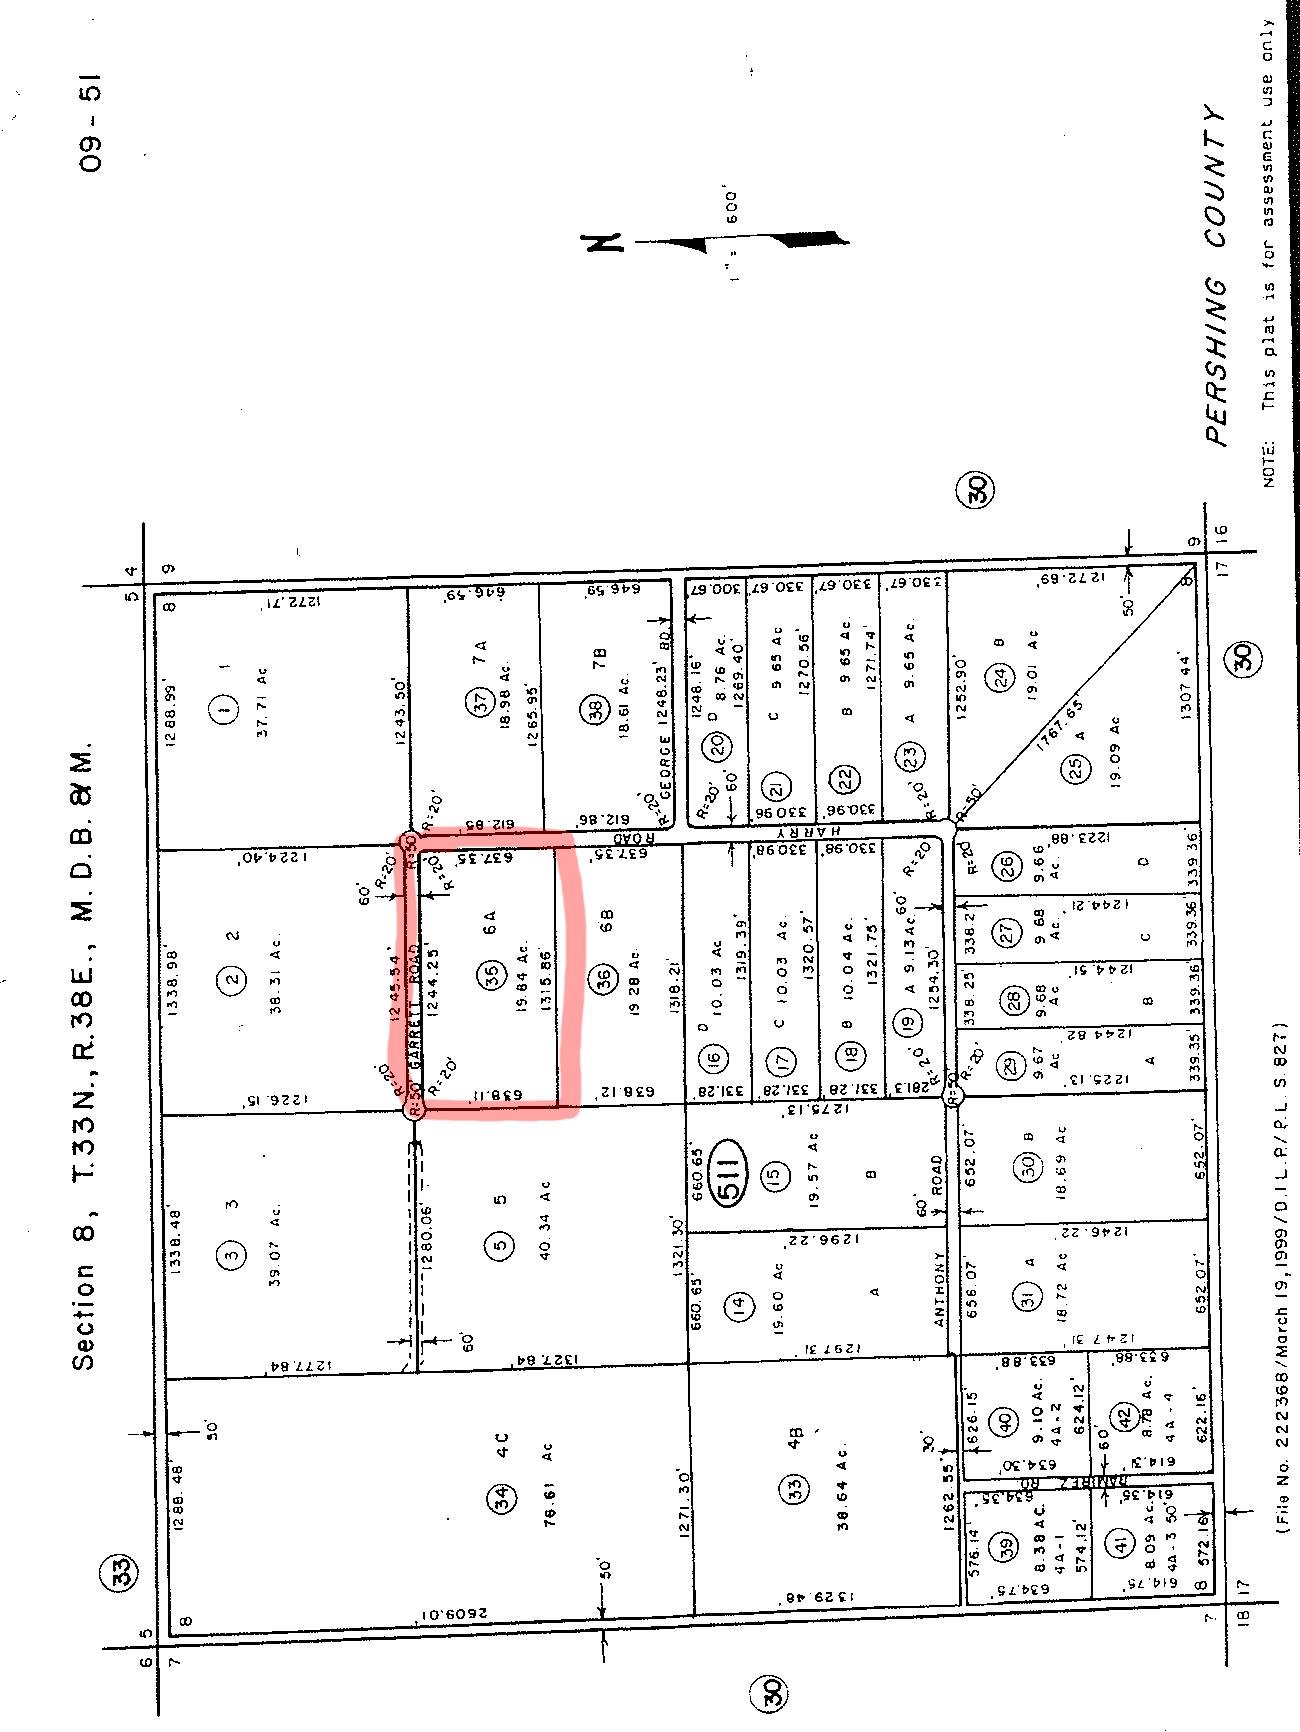 19.84 Acres (1)